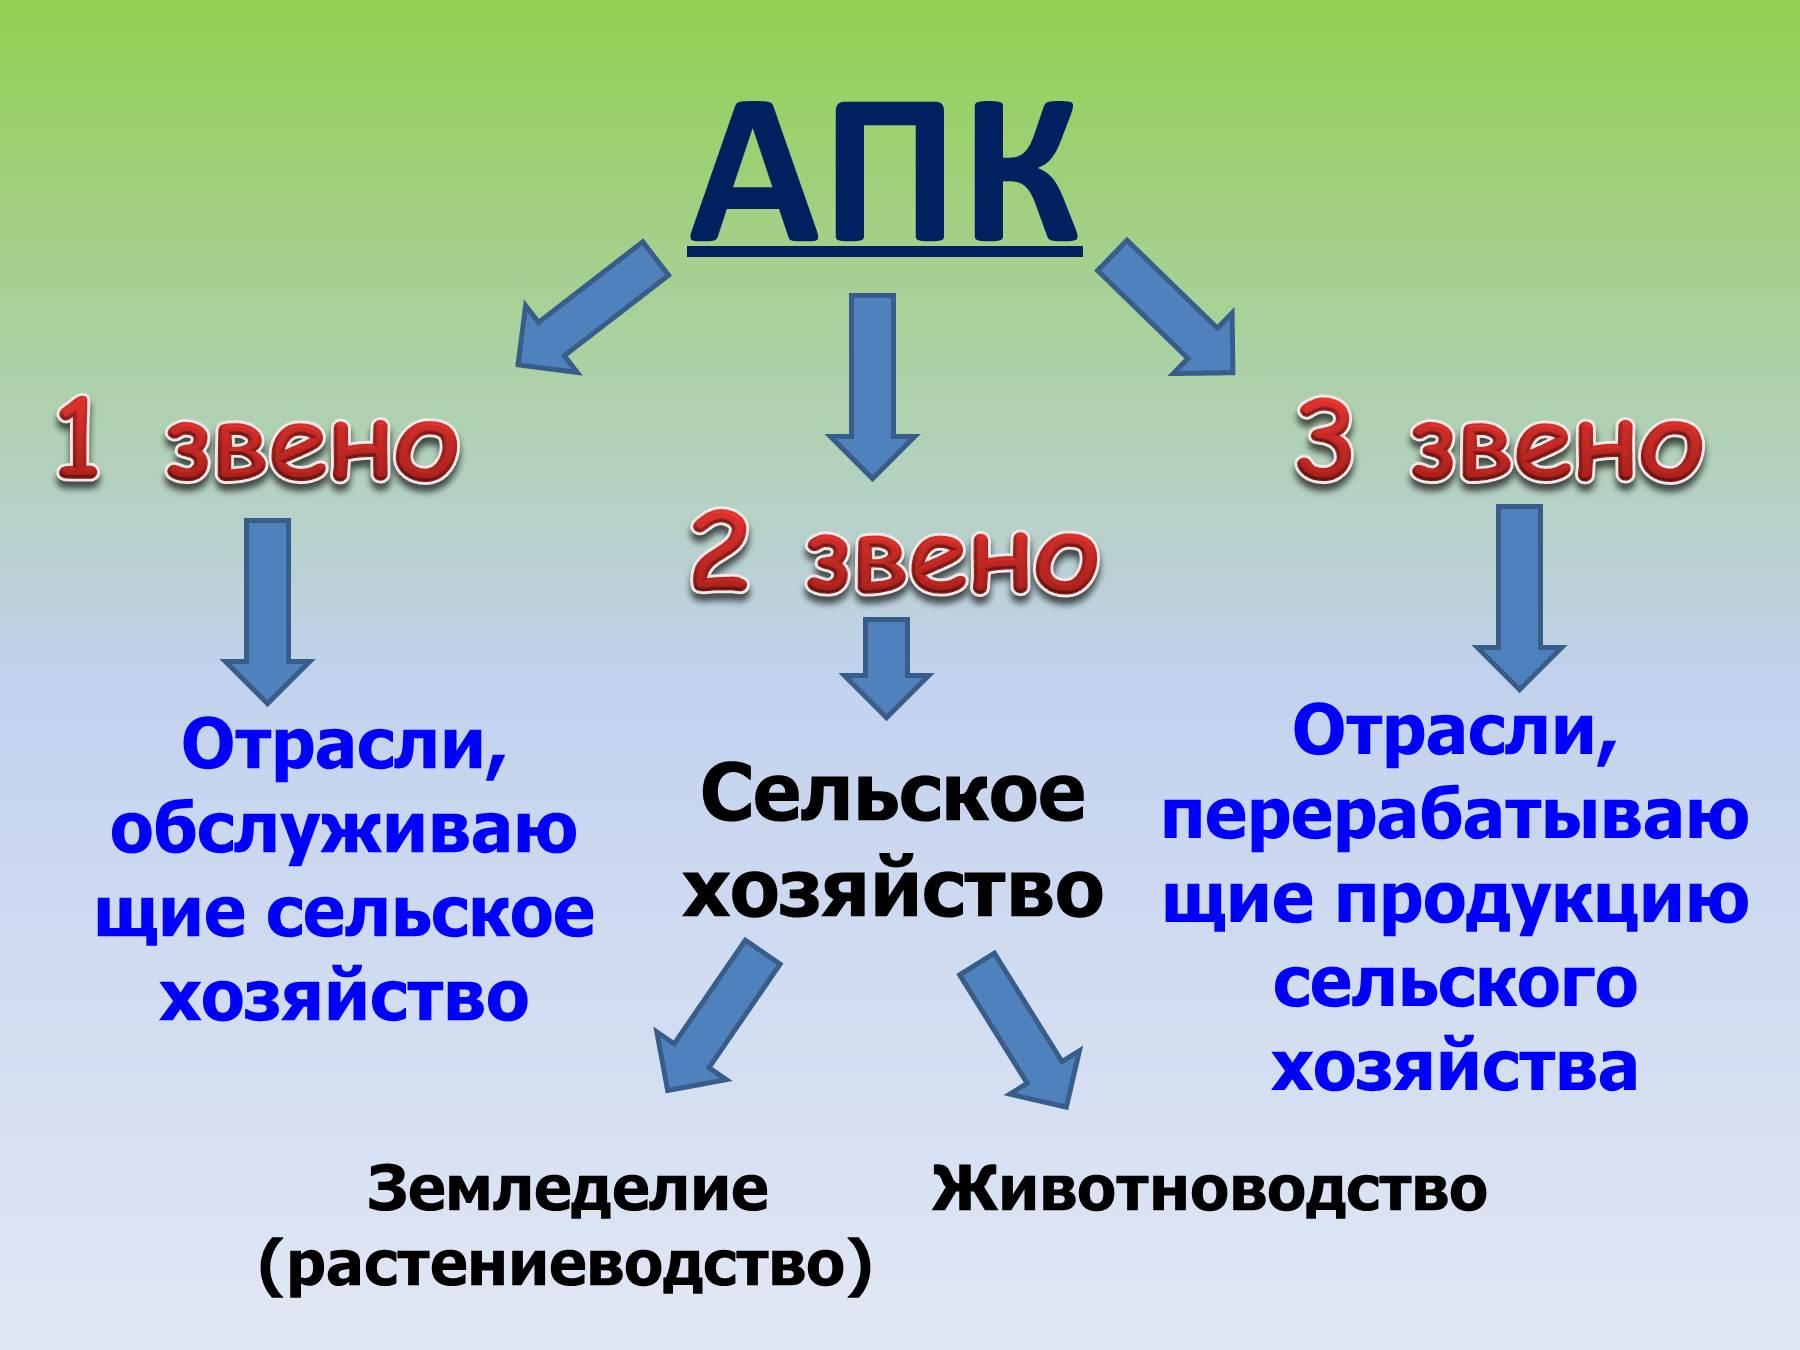 Схема апк по географии 8